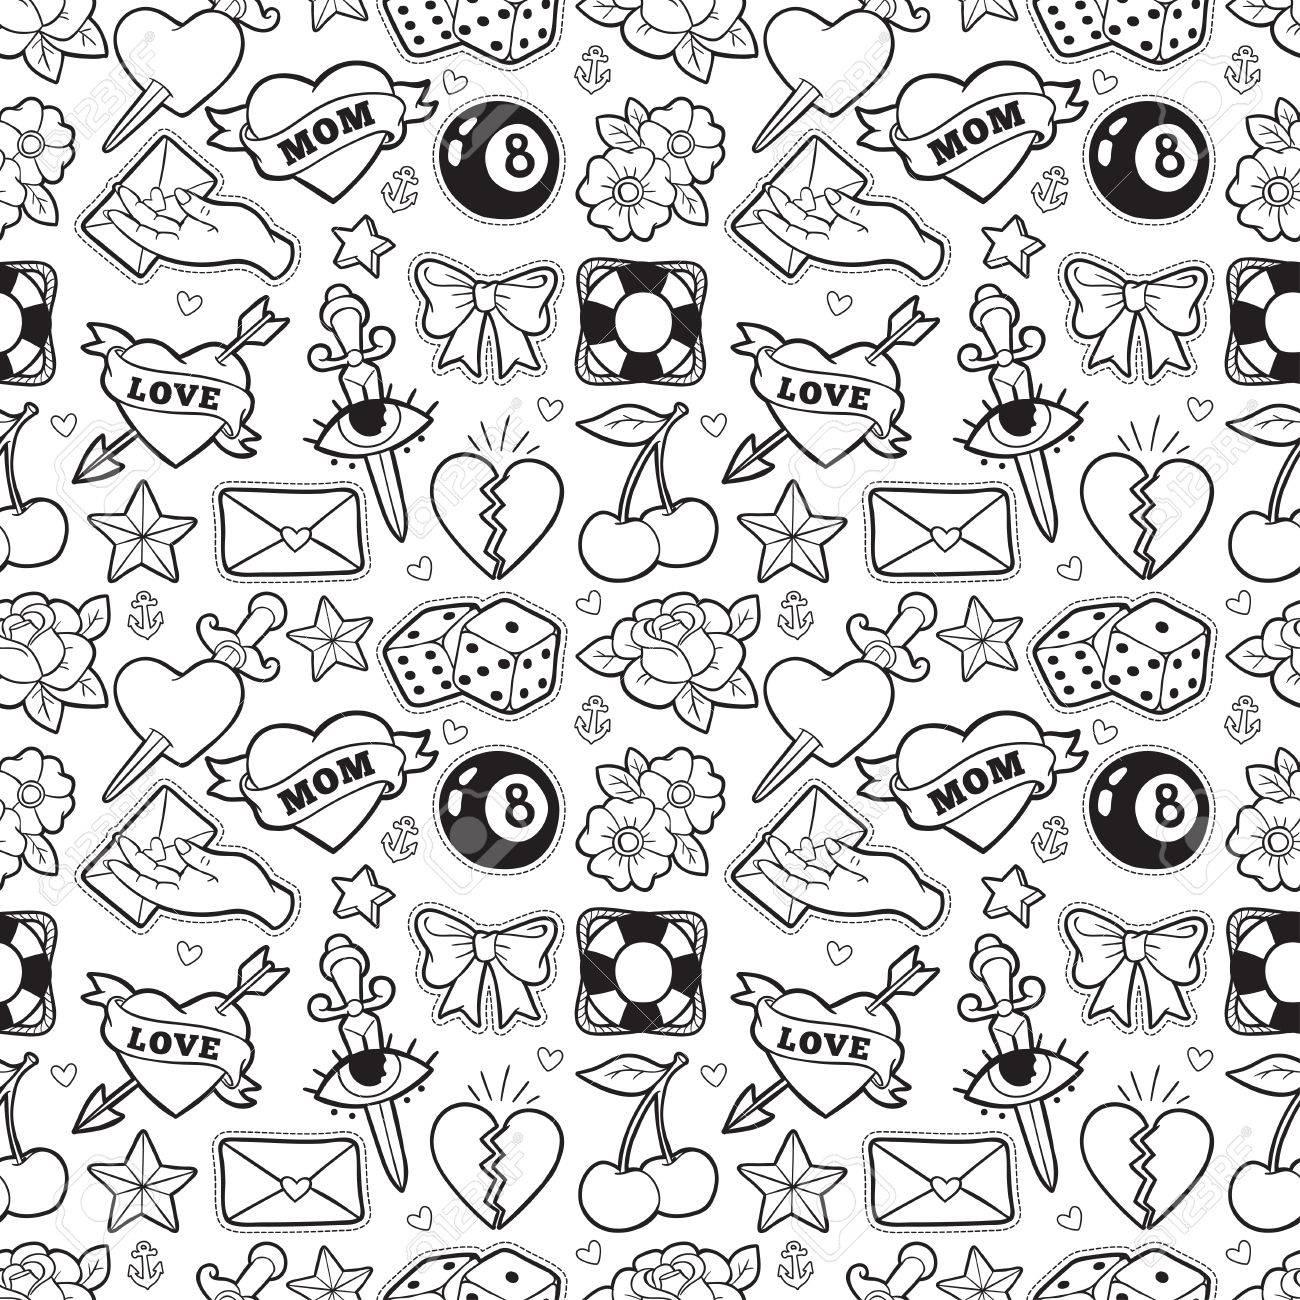 Old school seamless pattern in rockabilly style. - 81126292